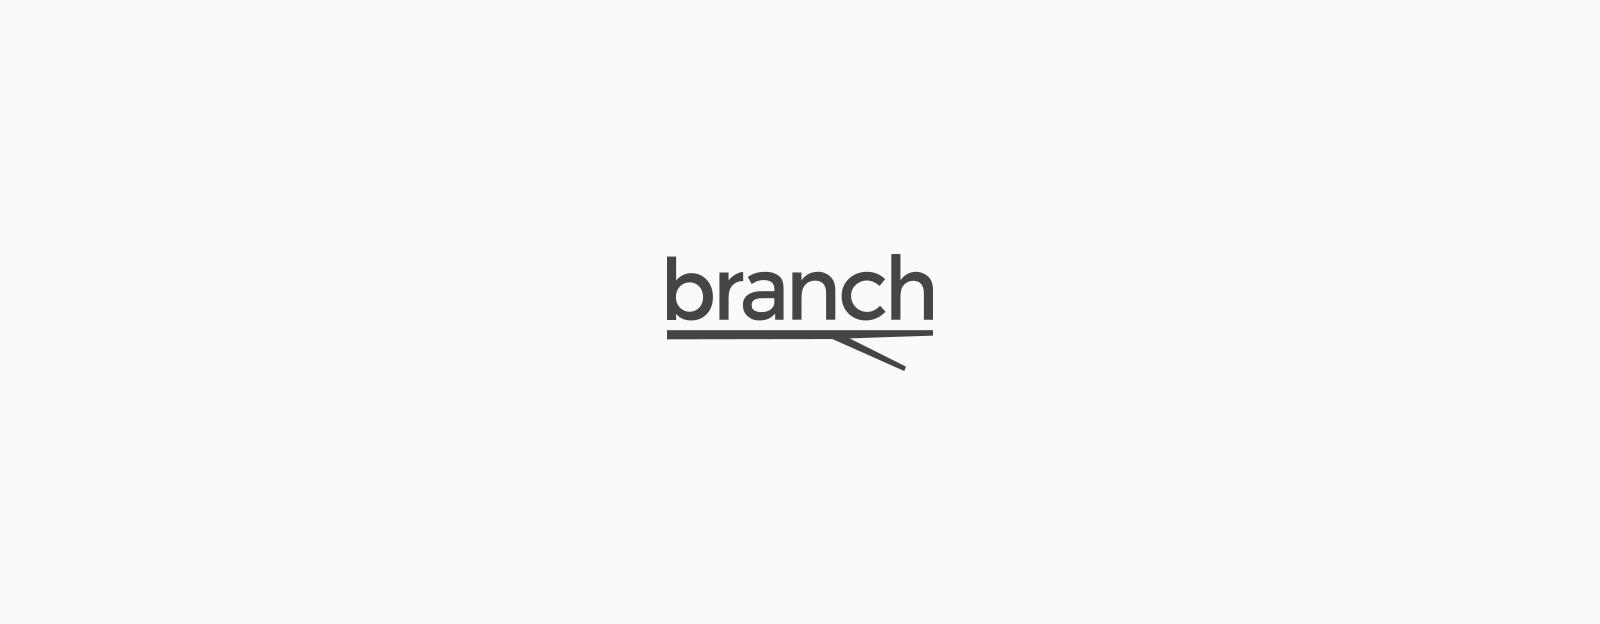 branch_julieeckertdesign.jpg